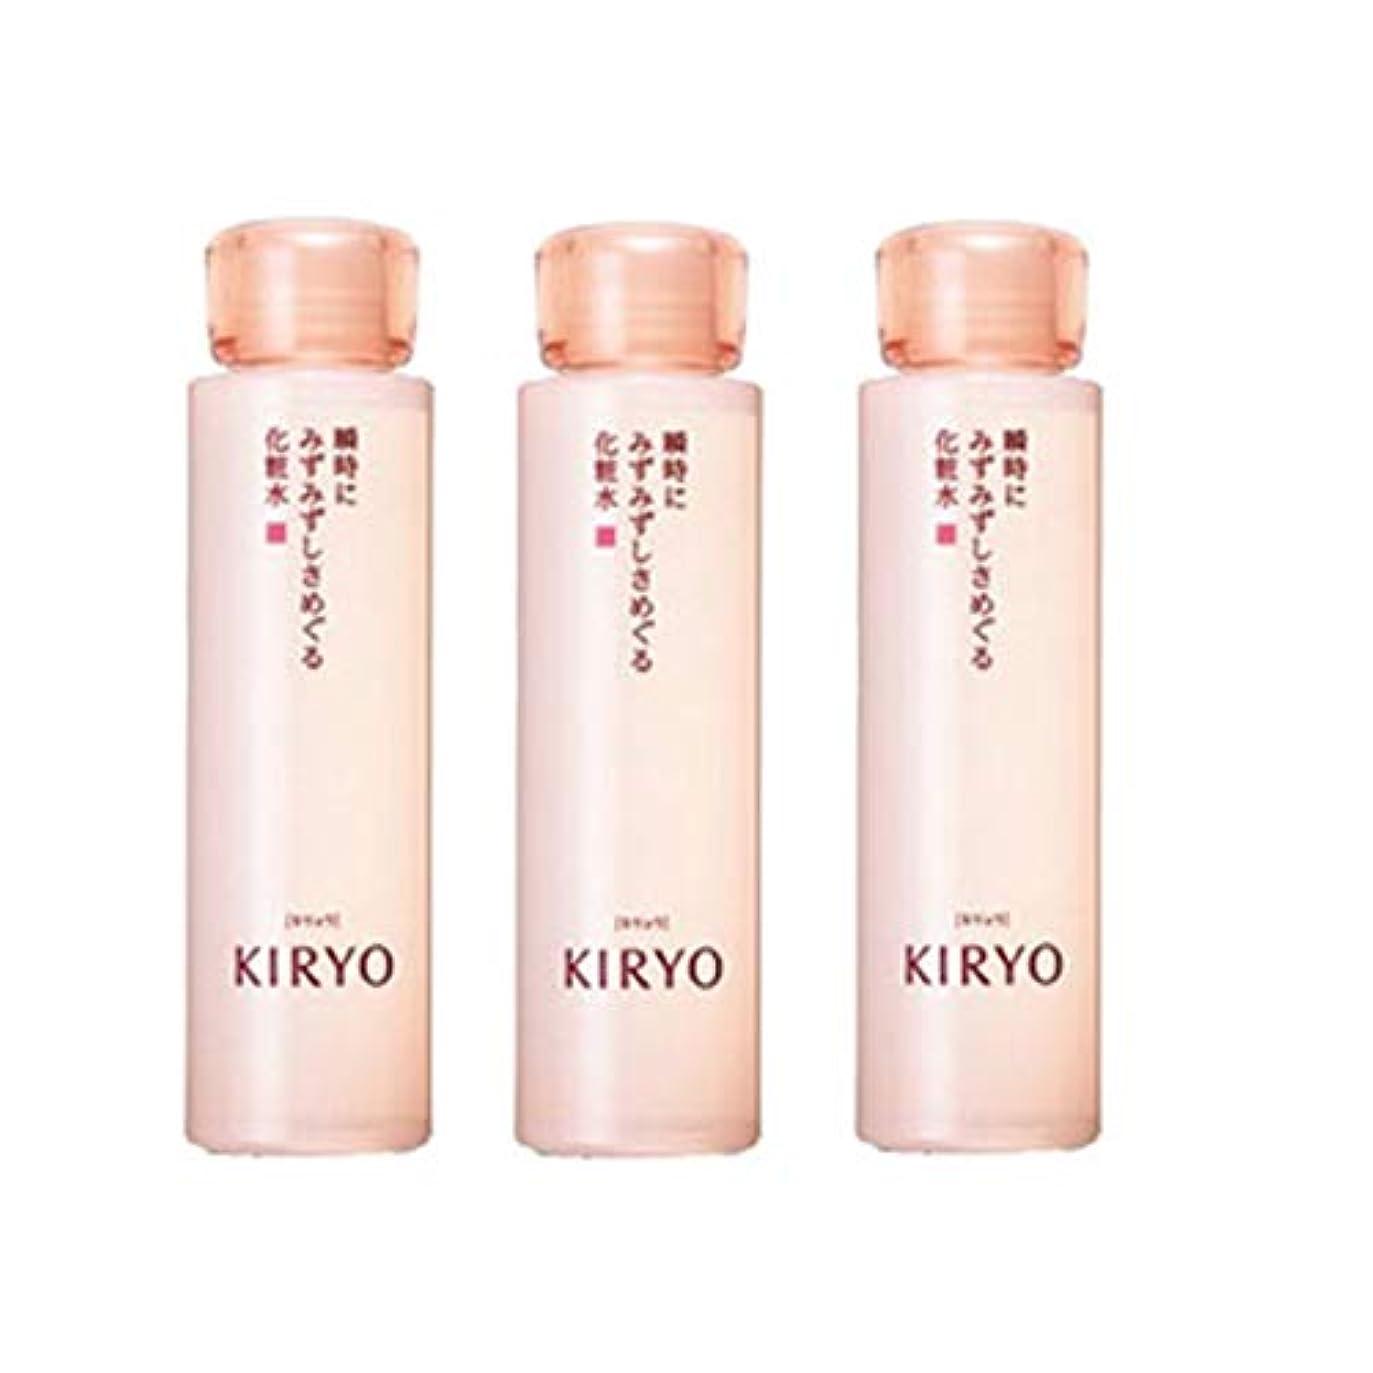 テーブルを設定するタップ変形する【資生堂】KIRYO キリョウ ローション I (さっぱり)150mL ×3個セット【International shipping available】